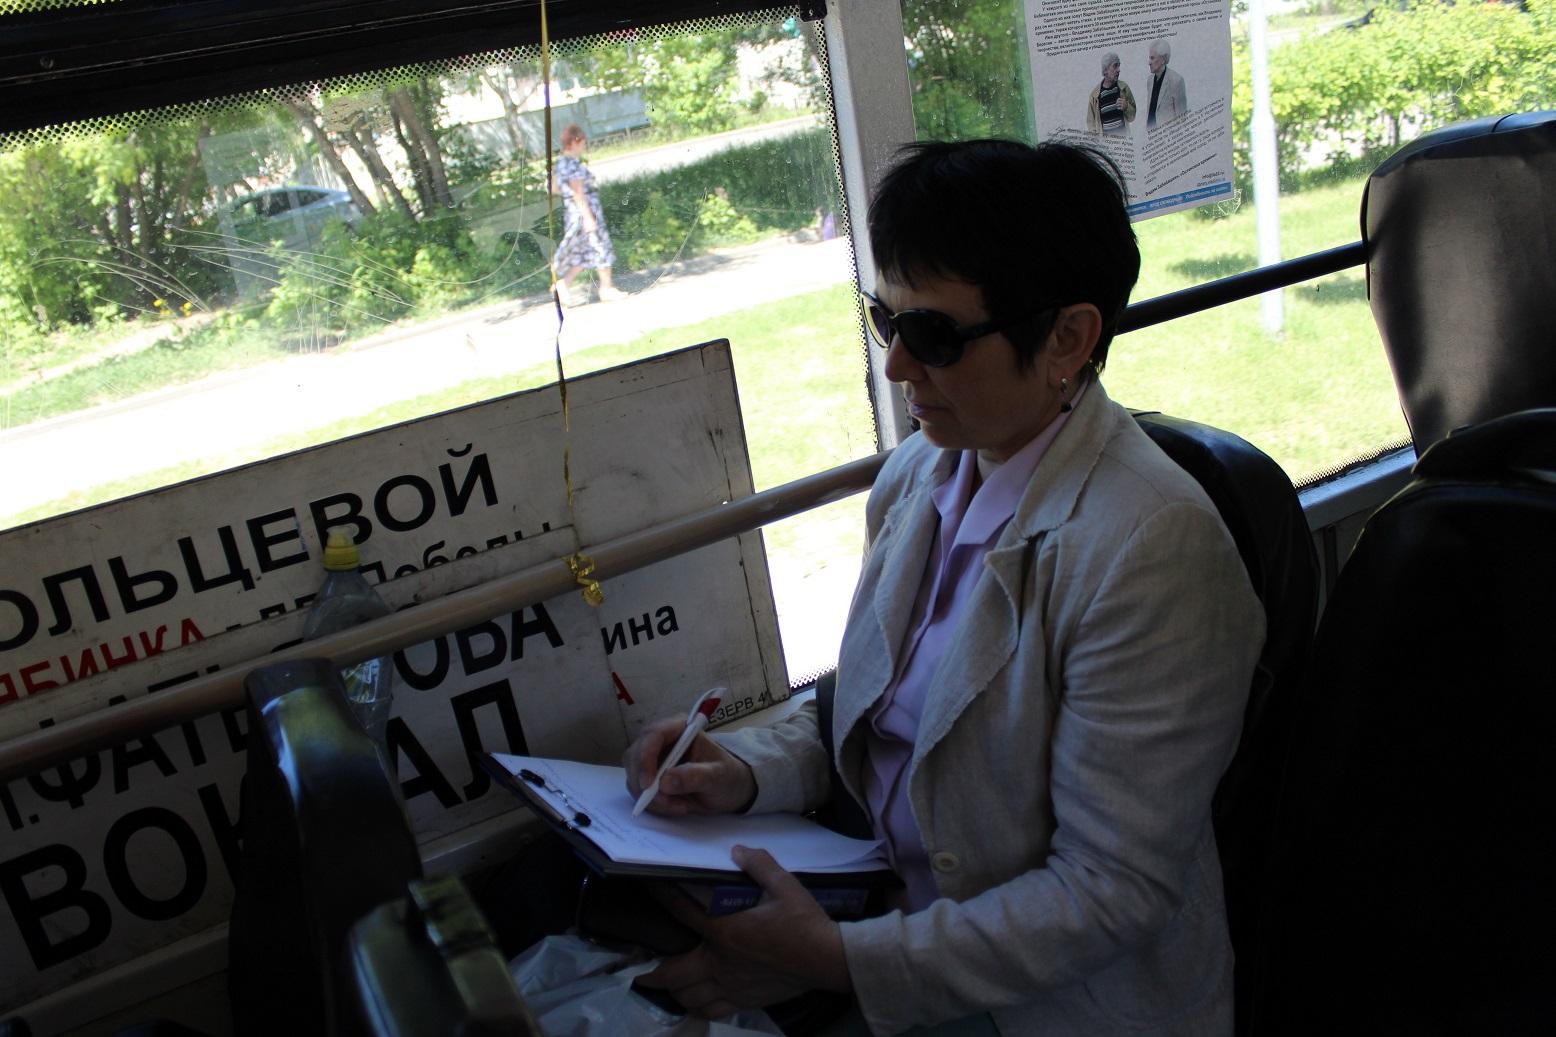 Literaturnyi trolleybus 8 otzyv